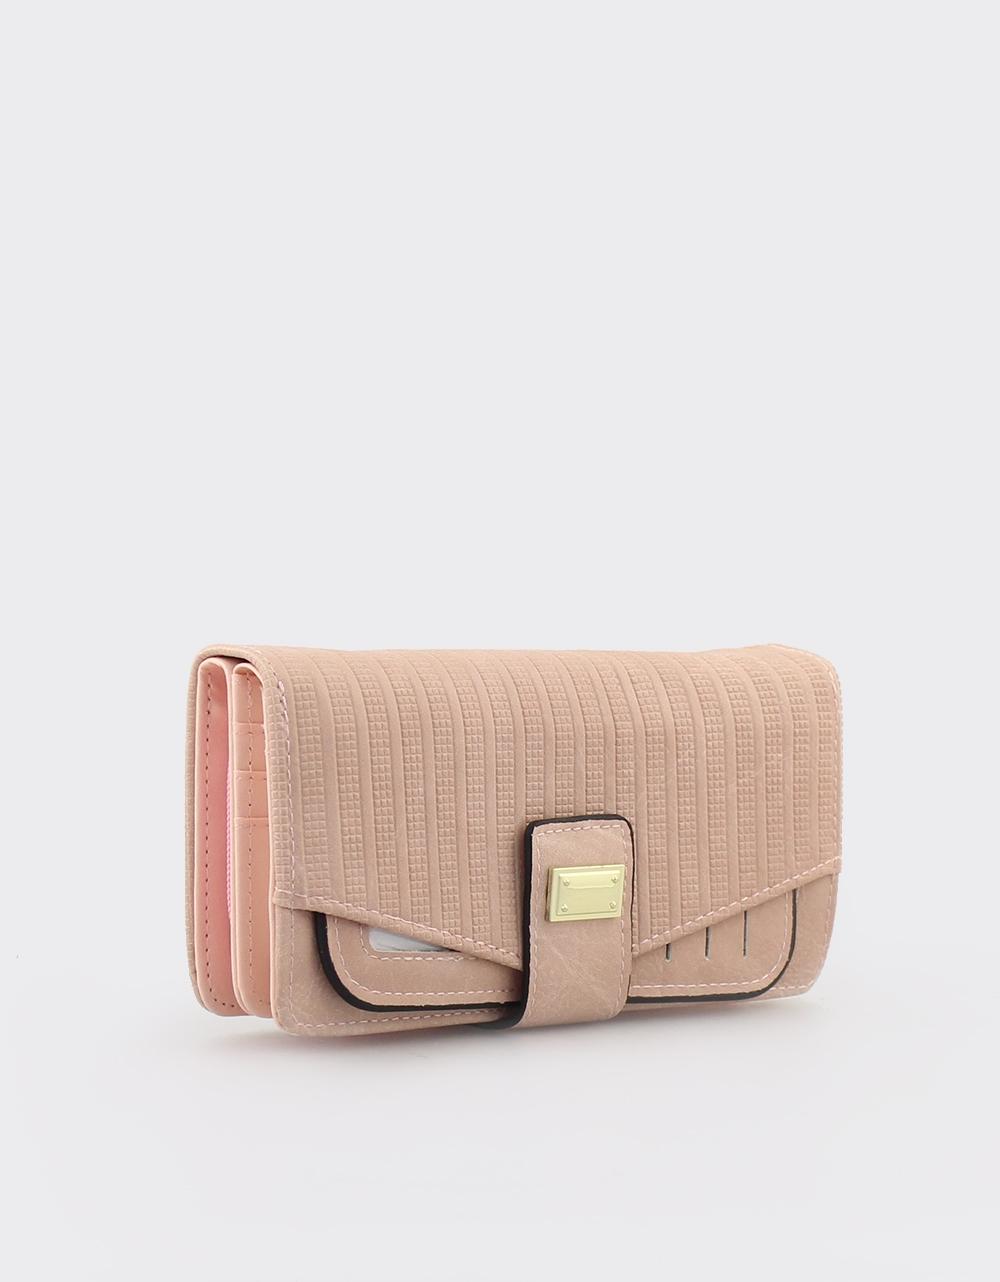 Εικόνα από Γυναικεία πορτοφόλια με ανάγλυφο μοτίβο Ροζ